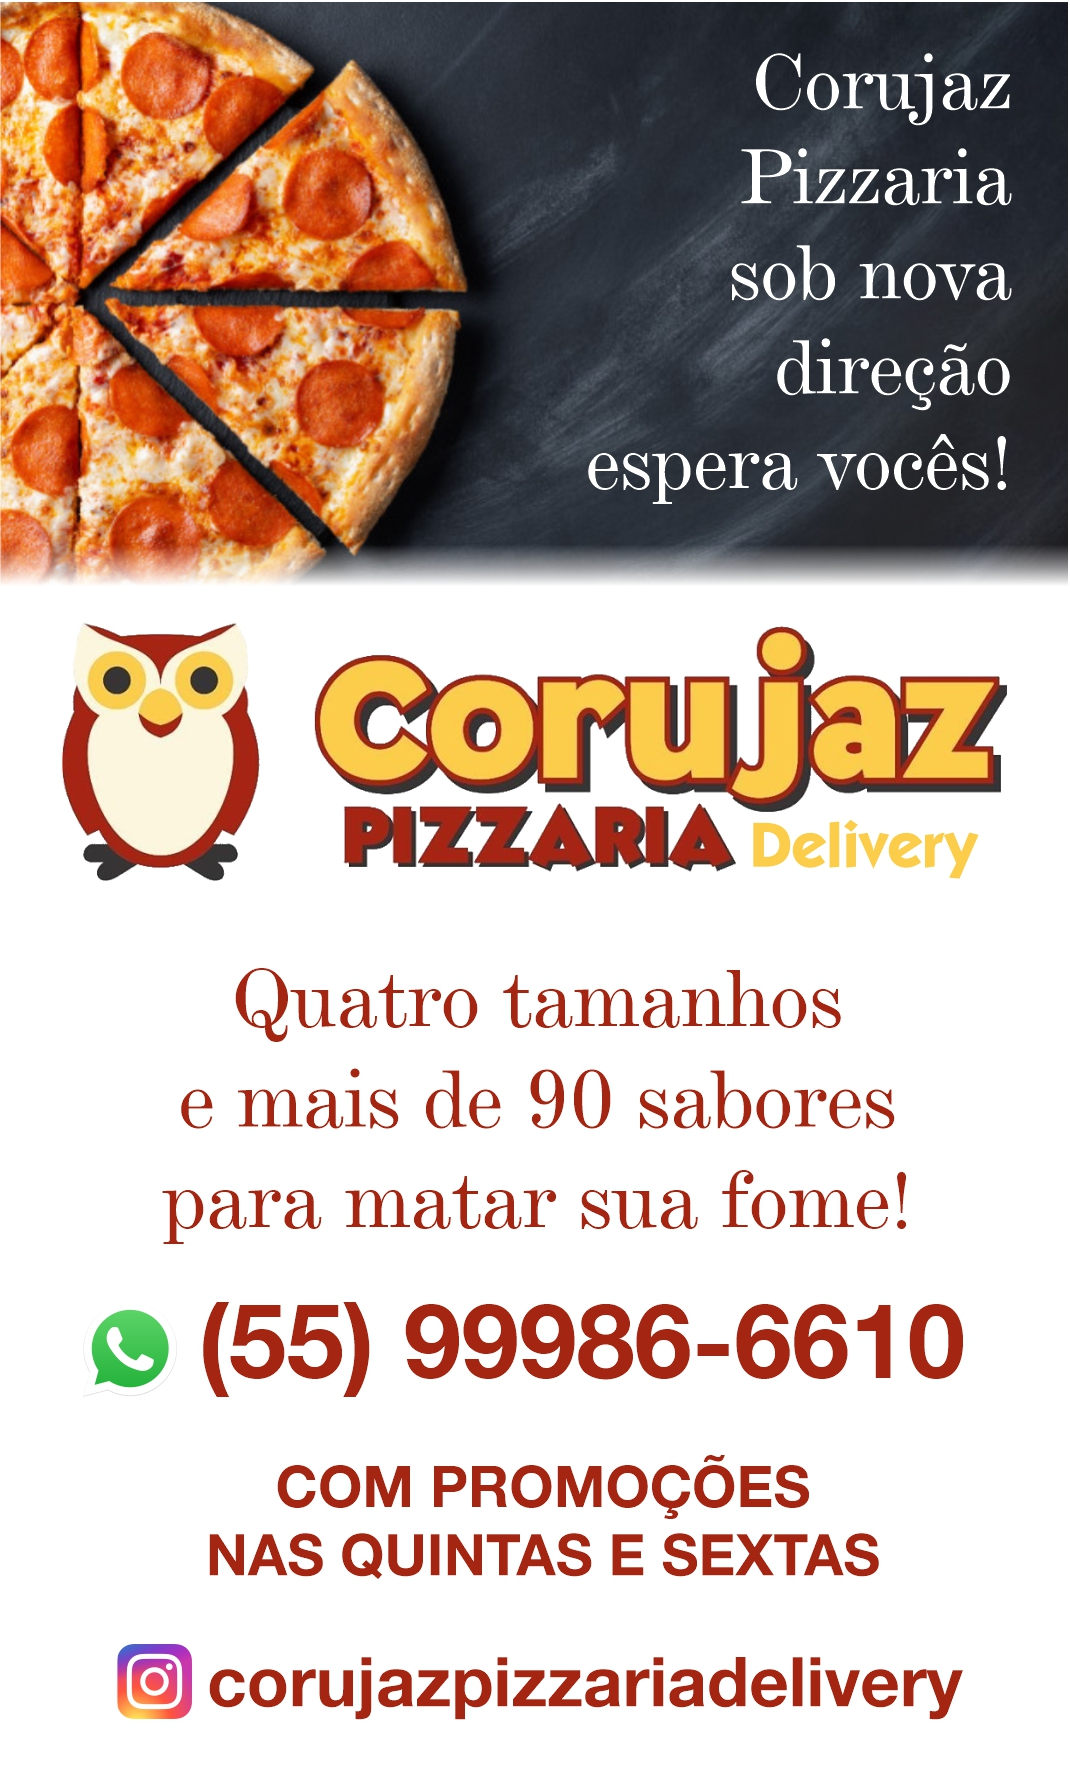 Corujaz Pizzaria - sob nova direção em São Gabriel